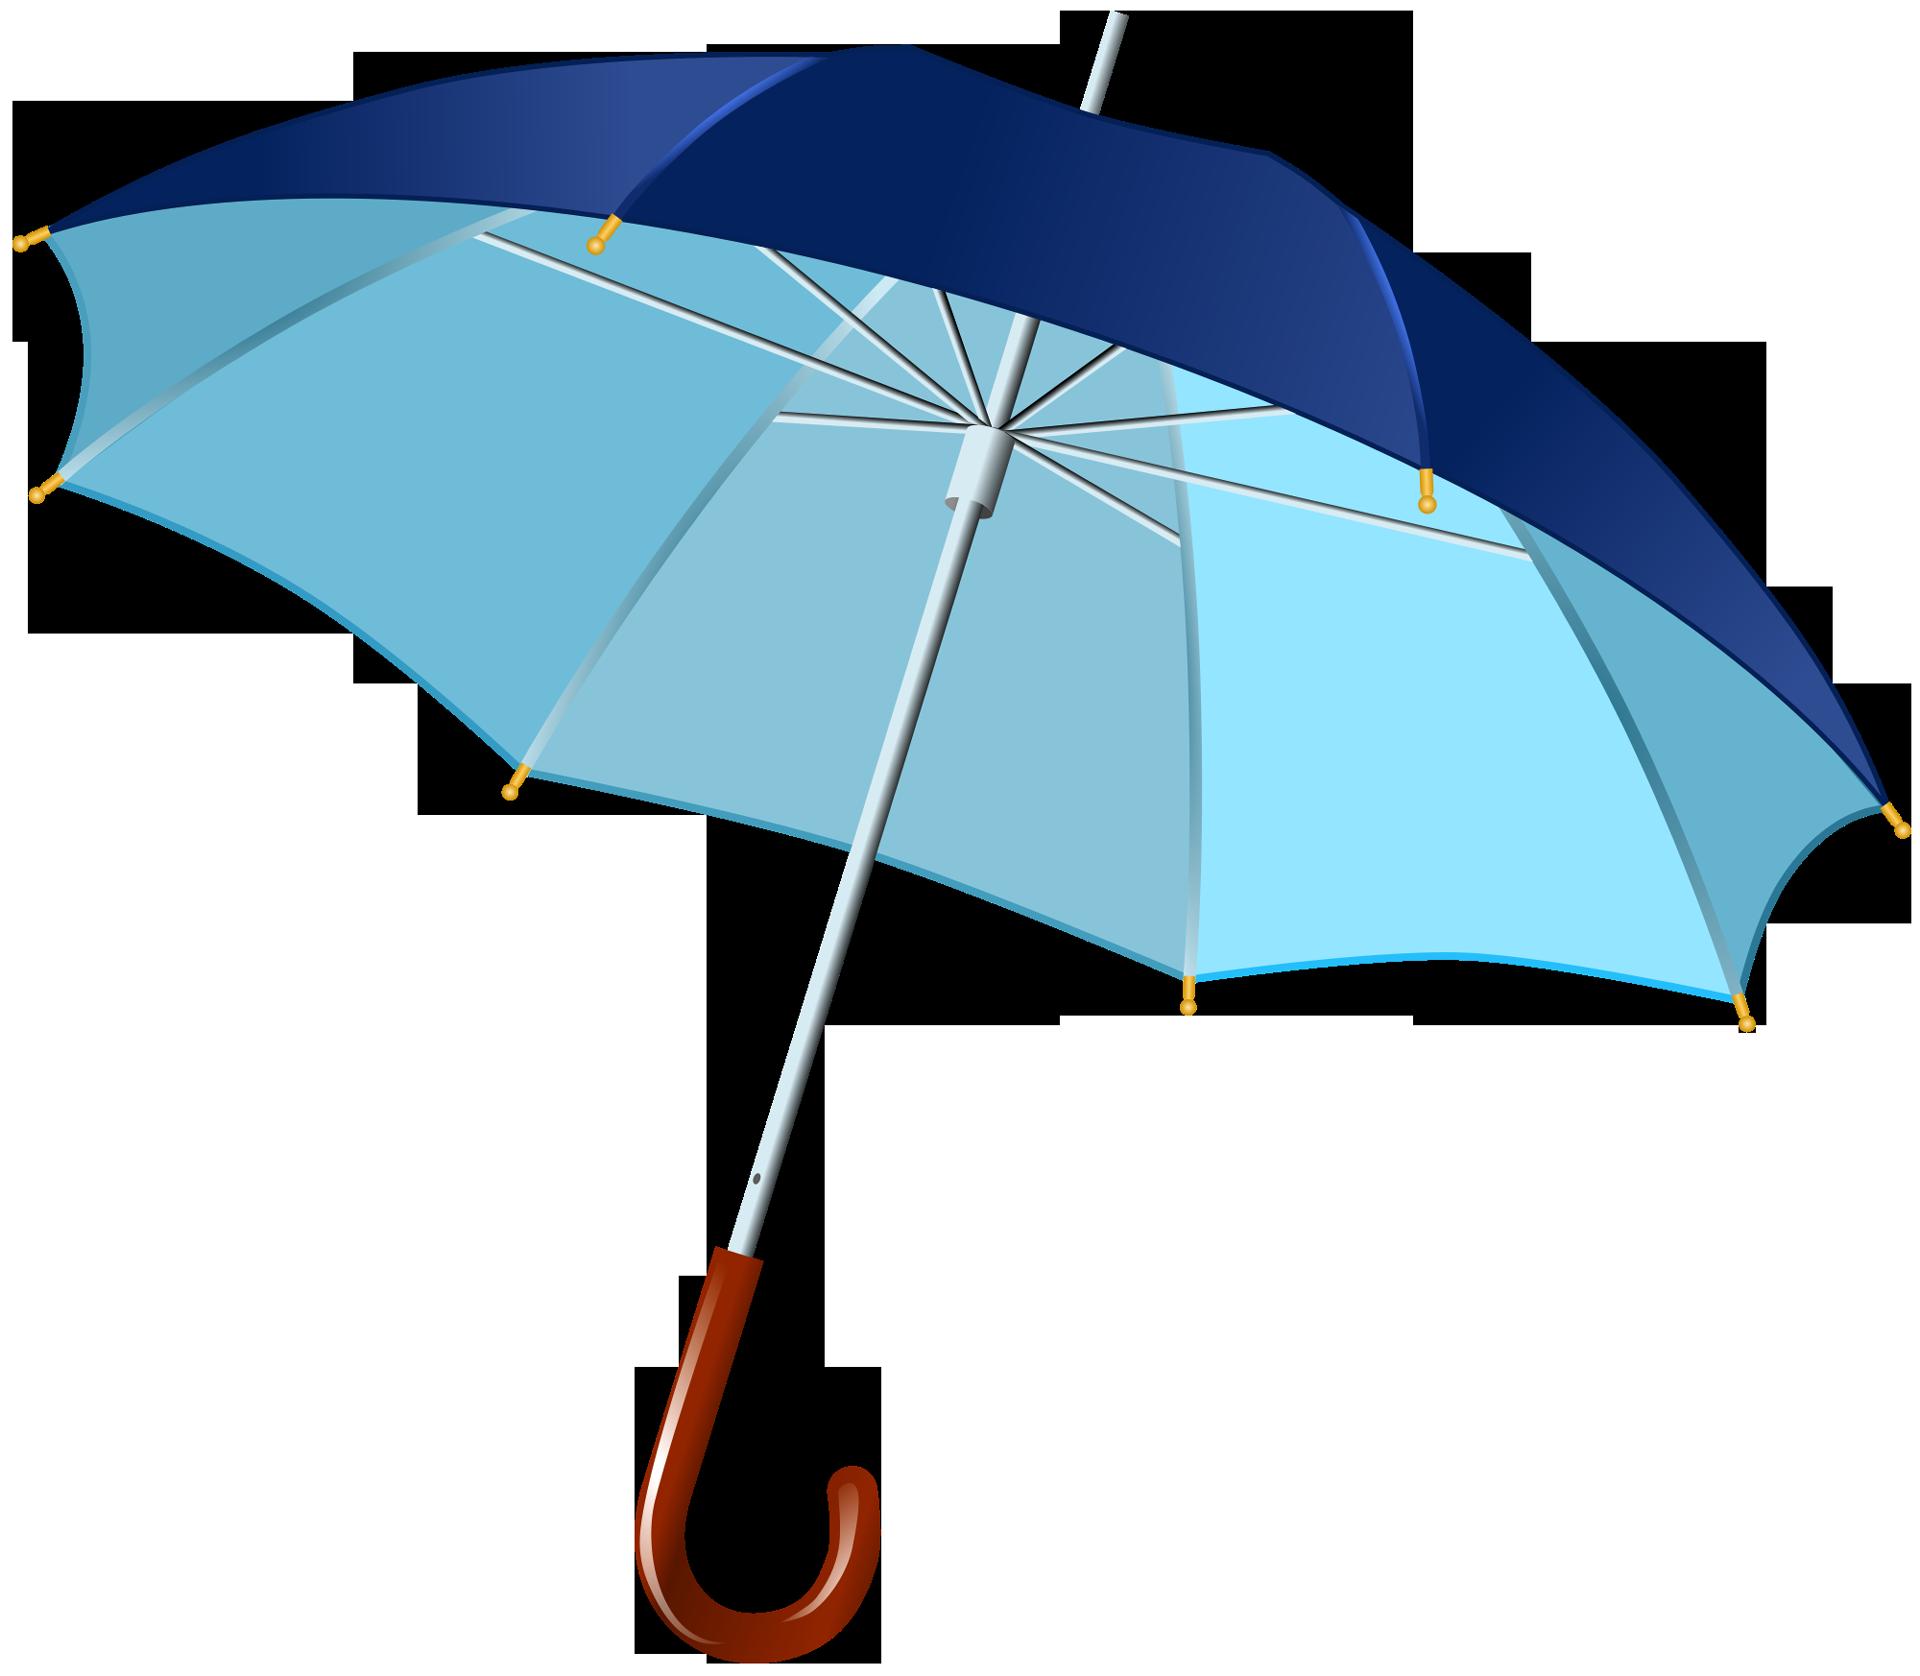 umbrella_PNG69211.png